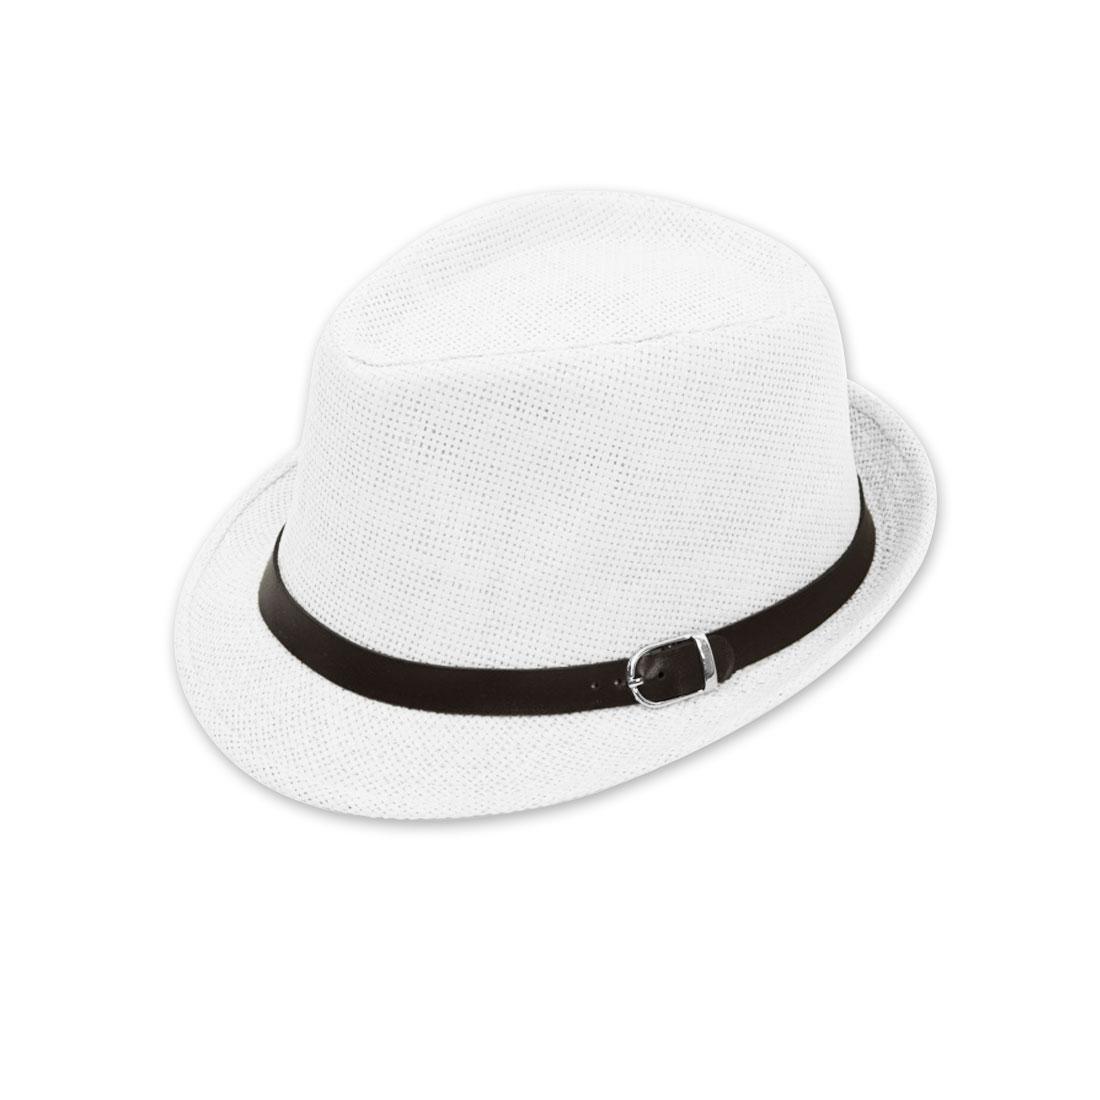 """Unisex White Straw Braided Sunbonnet 1 1/2"""" Width Brim Hat Cap"""